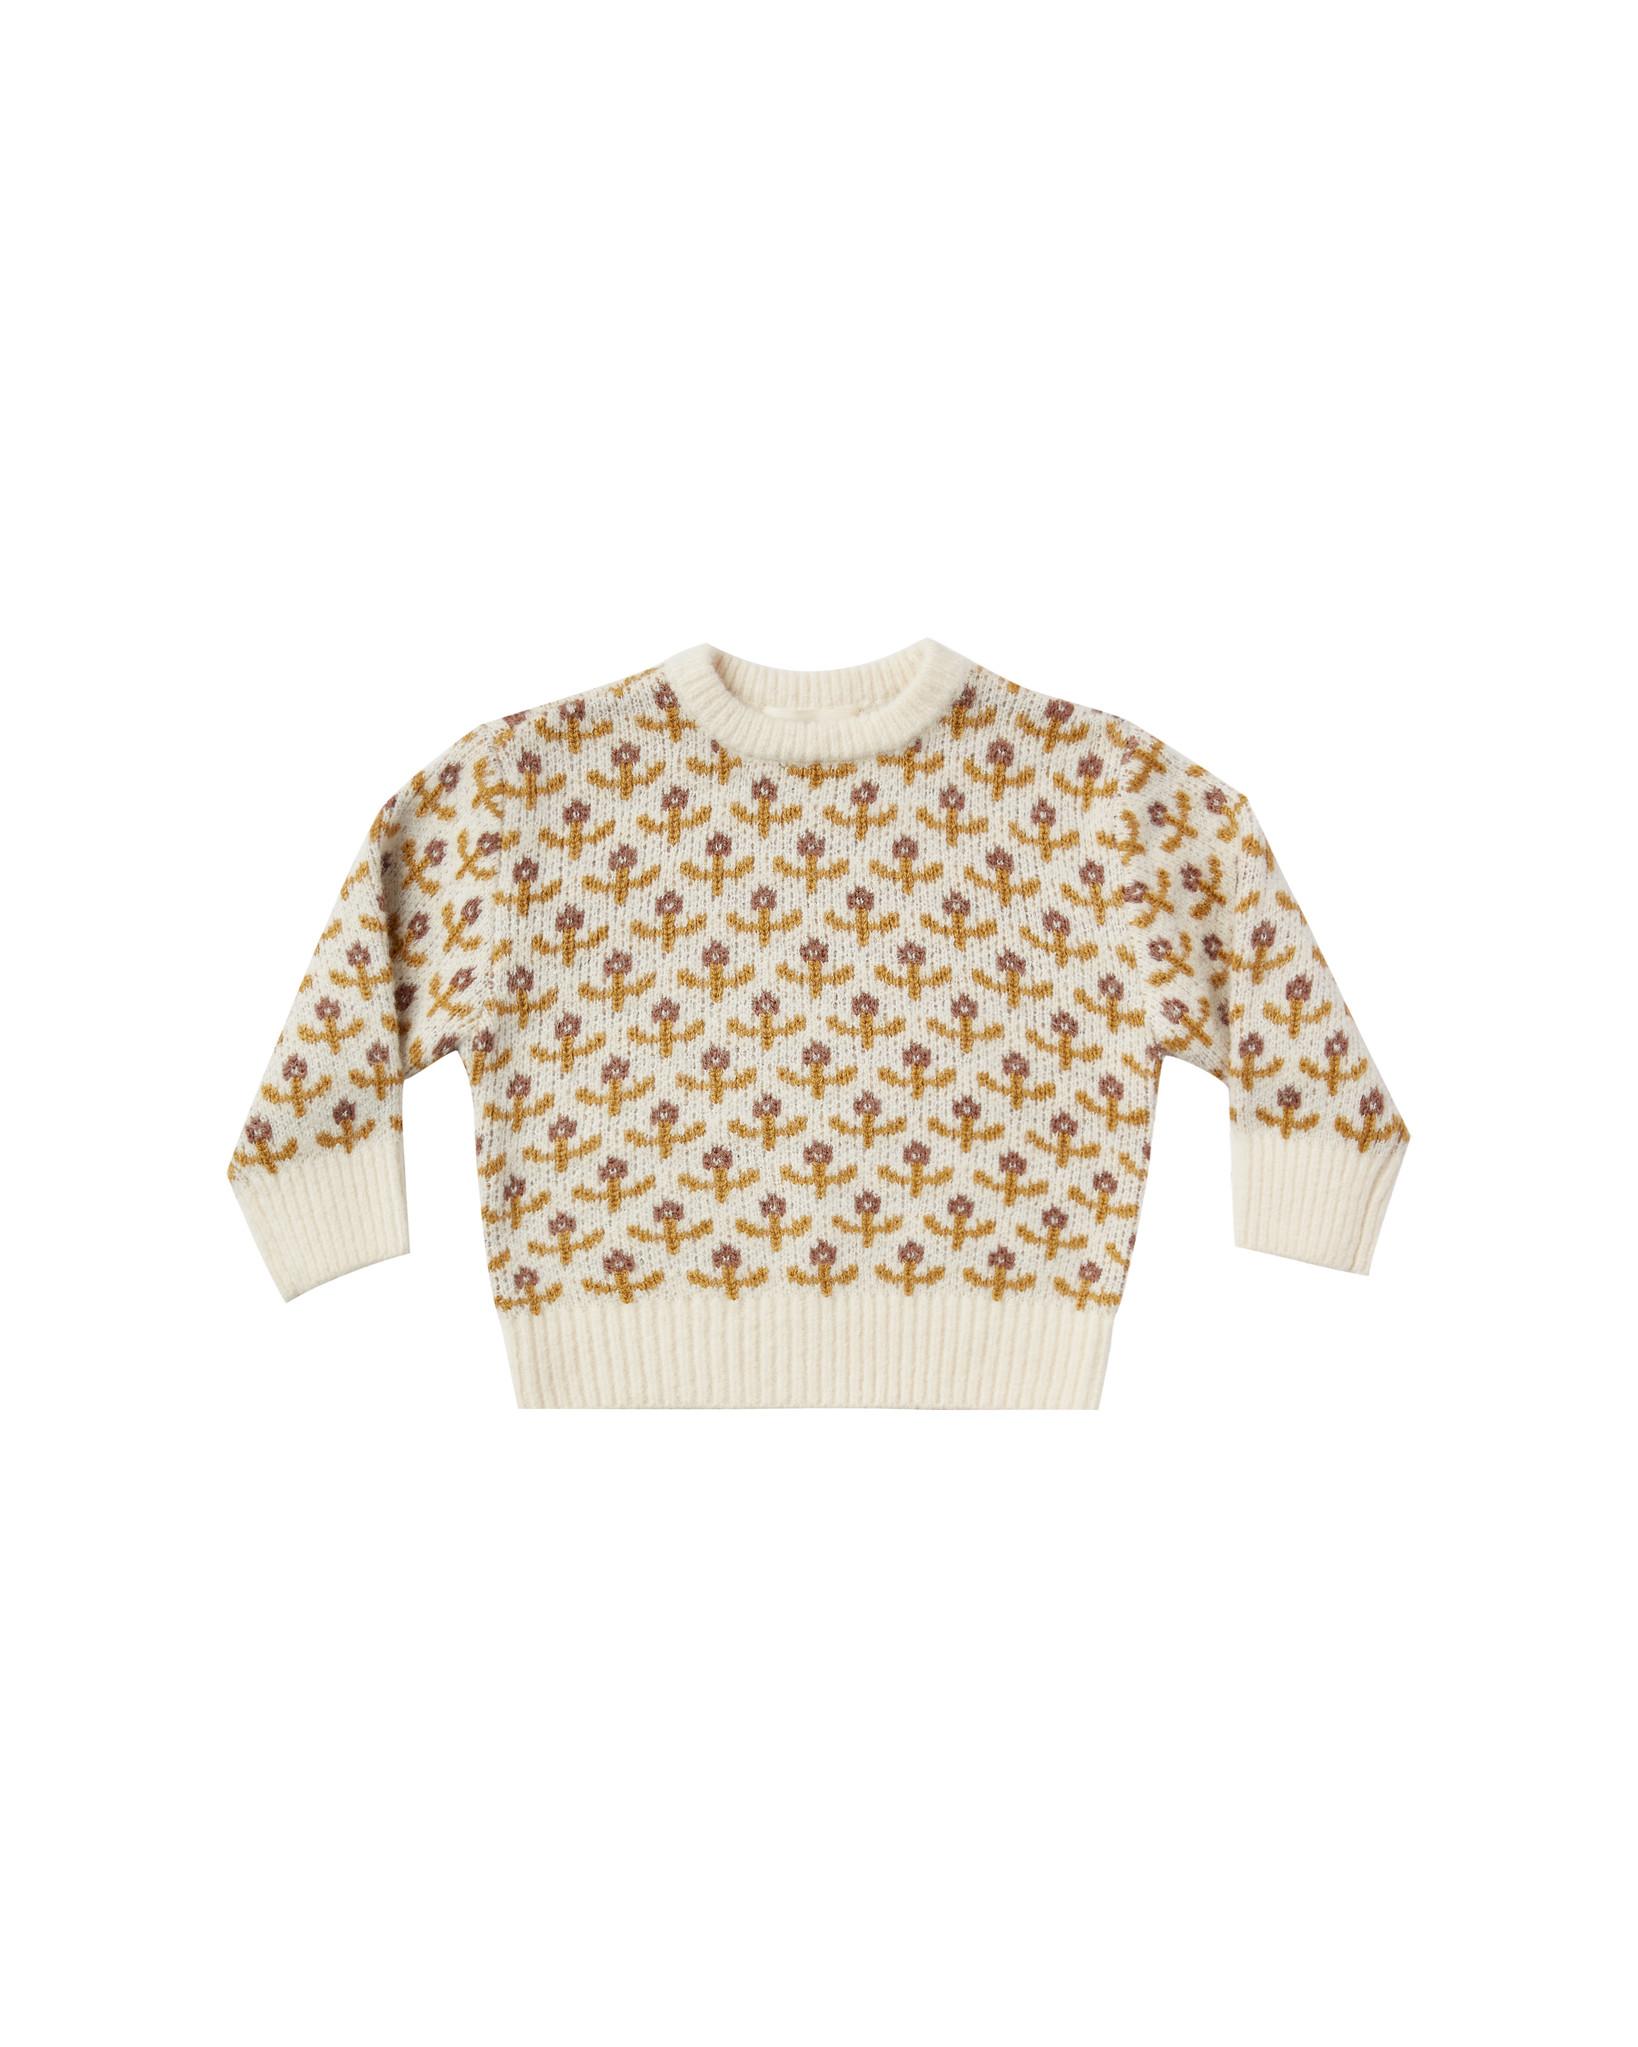 Rylee & Cru Flower Stitch Baby Knit Pullover